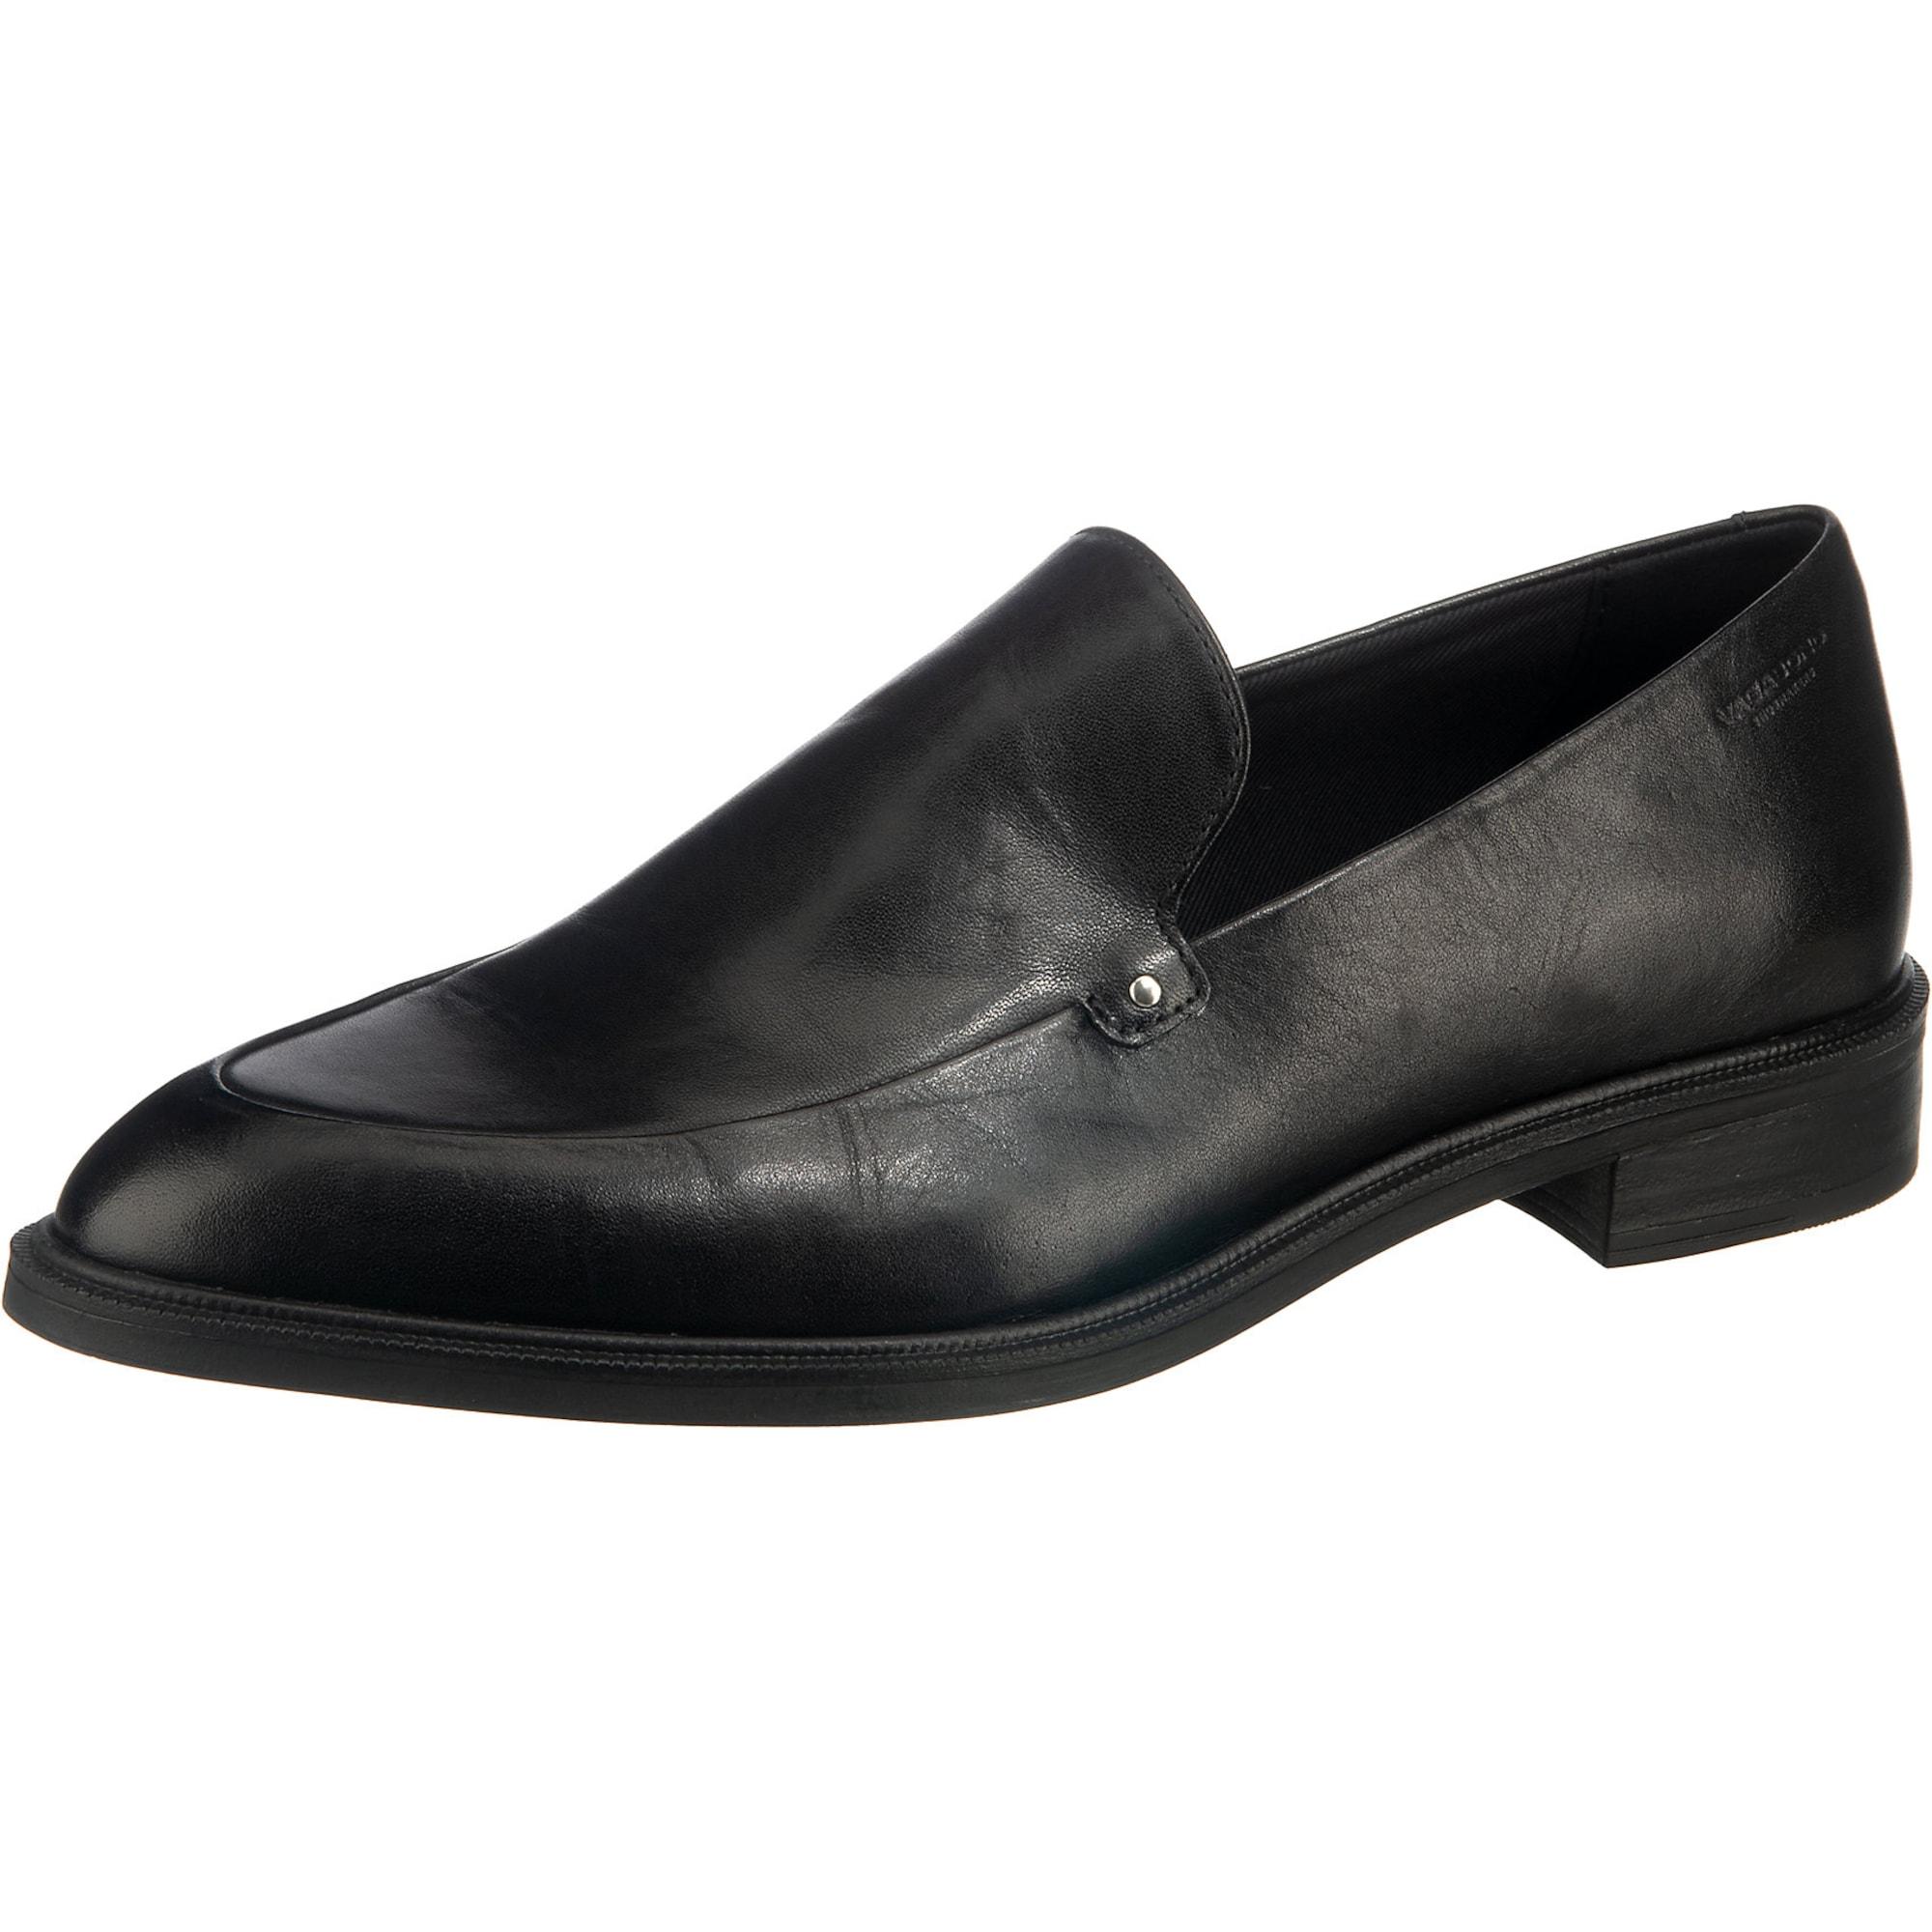 vagabond shoemakers - Slipper